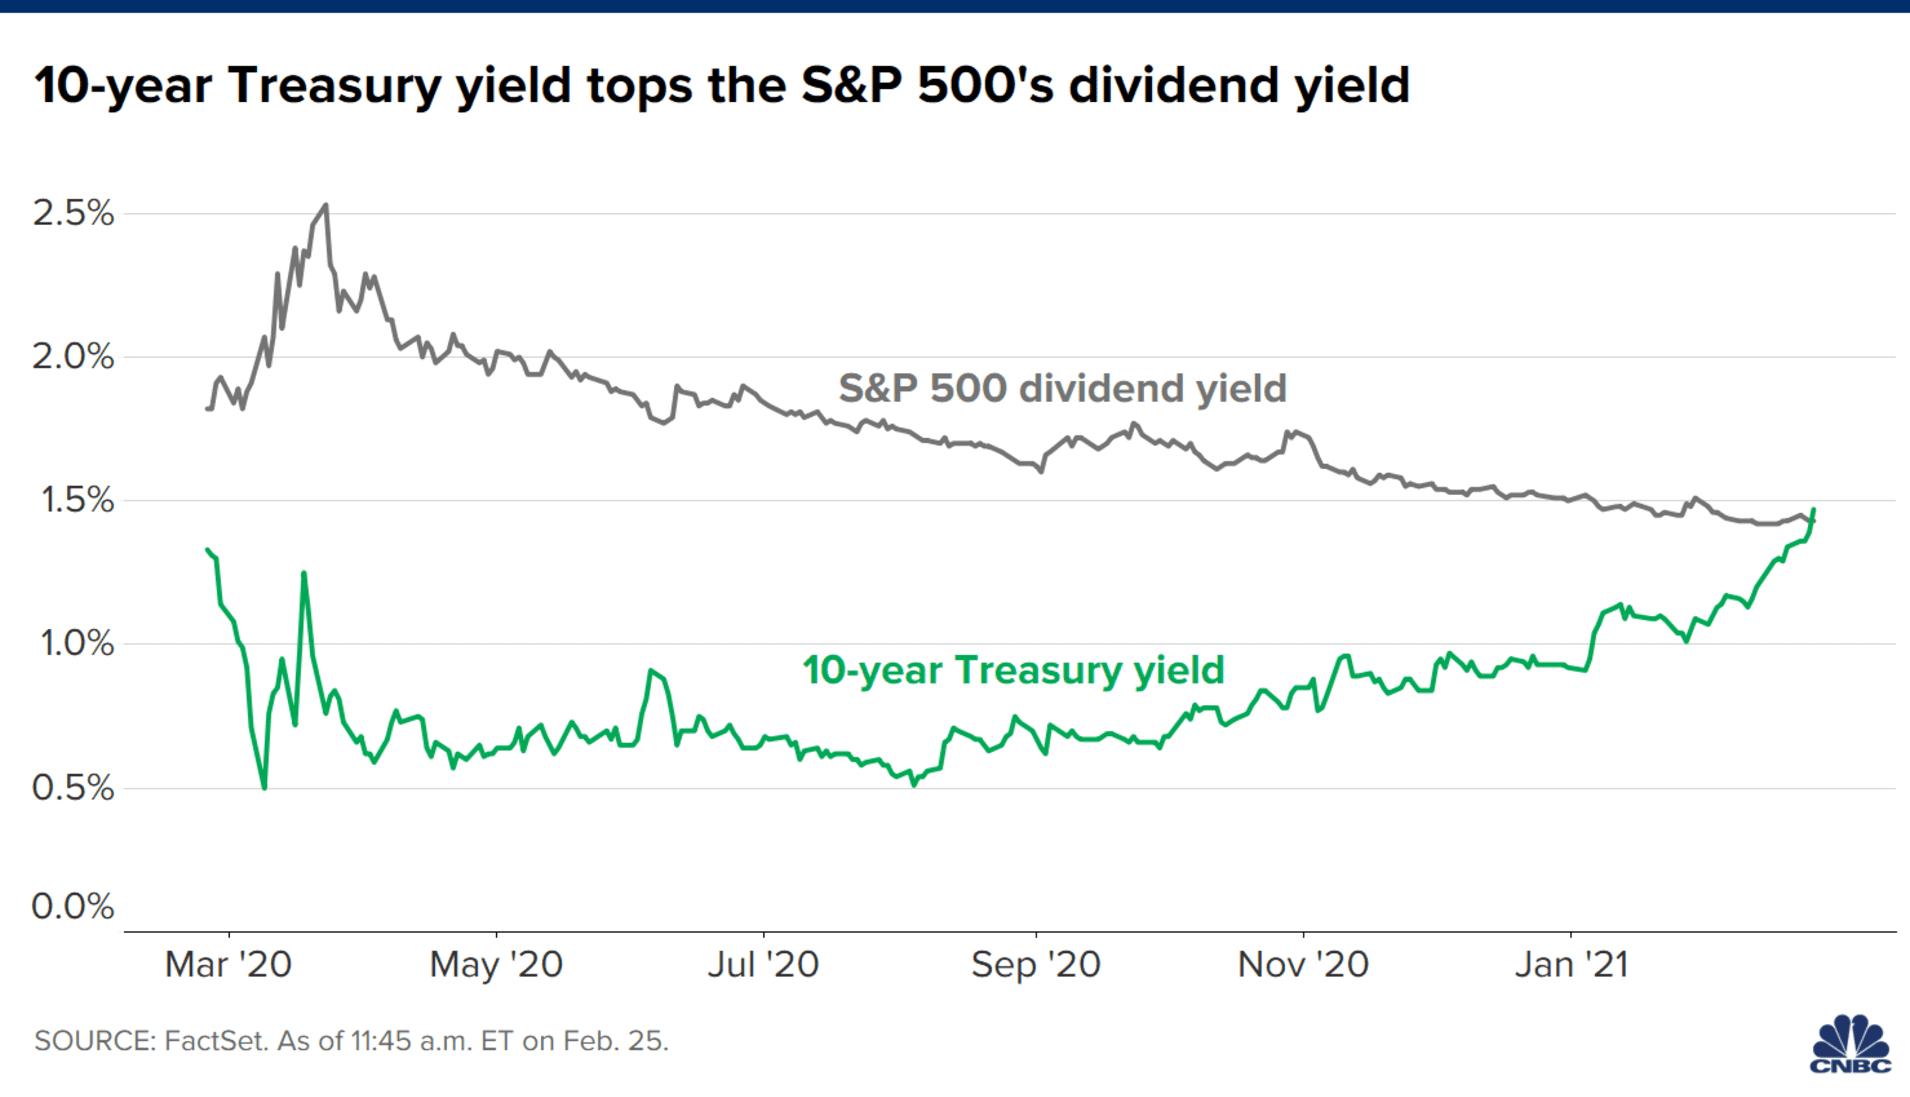 国债收益率飙升,美国化解危机的套路到头了?